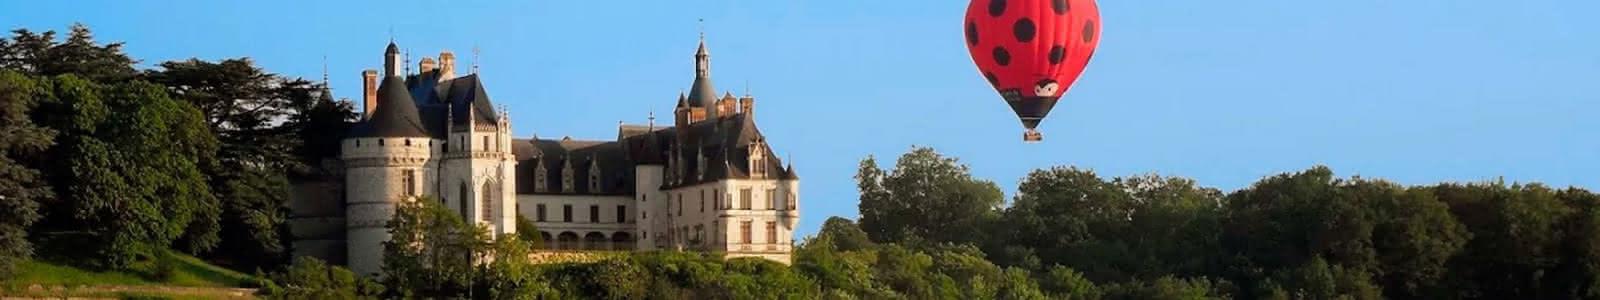 Aérocom Montgolfière - Vols en mongolfière au-dessus des châteaux de la Loire - Expérience insolite en Loir-et-Cher Val de Loire ©Aérocom